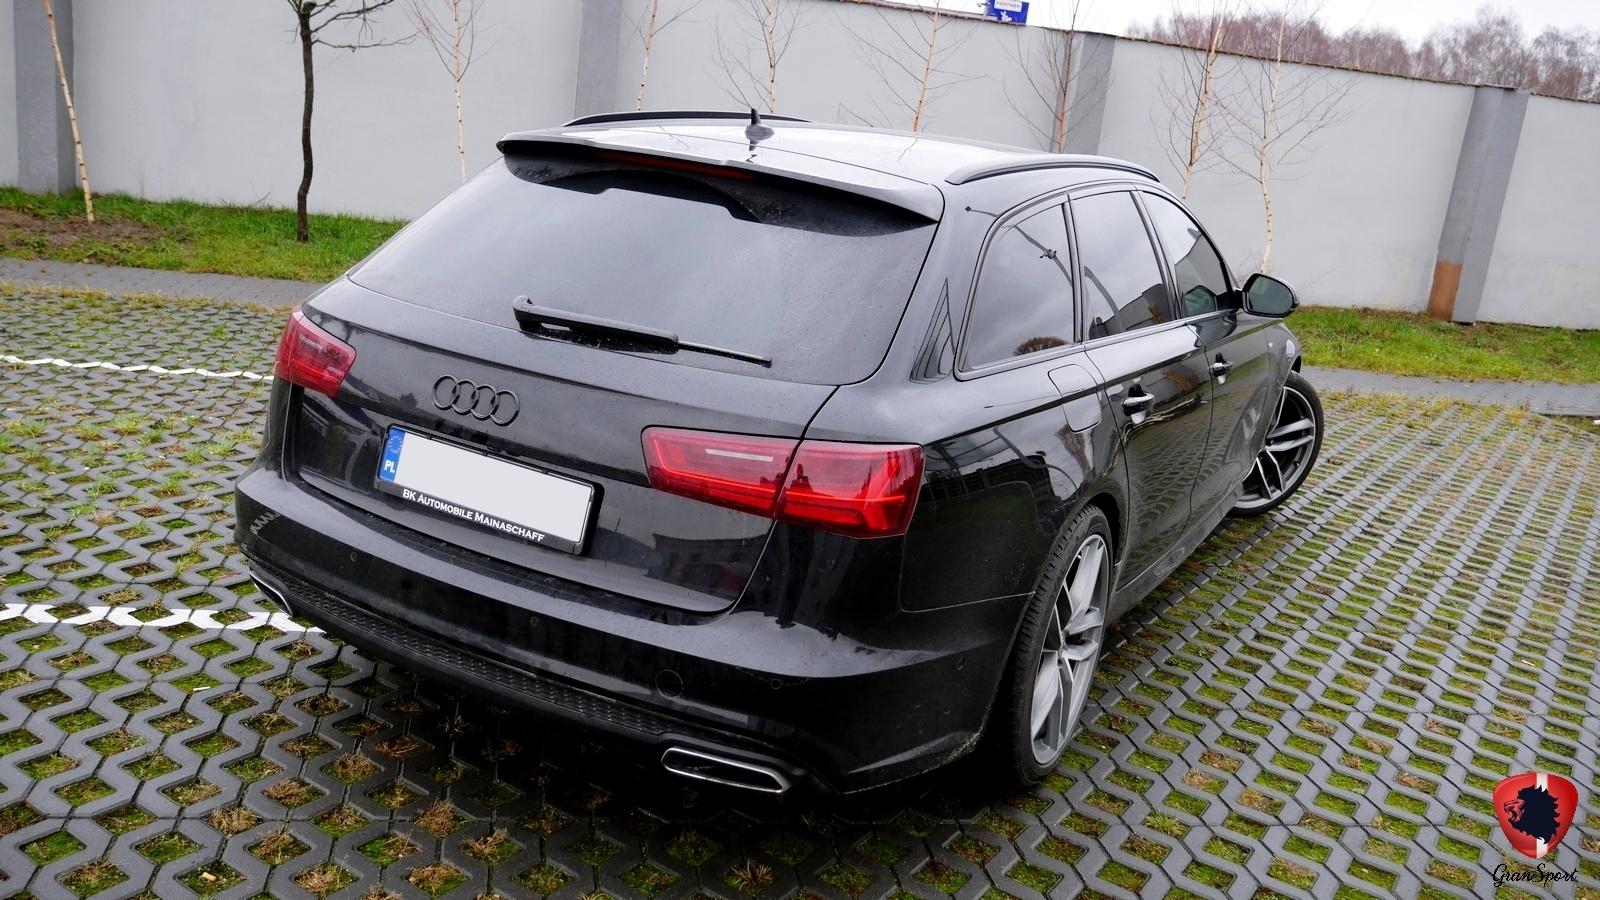 Audi A6 Maxhaust